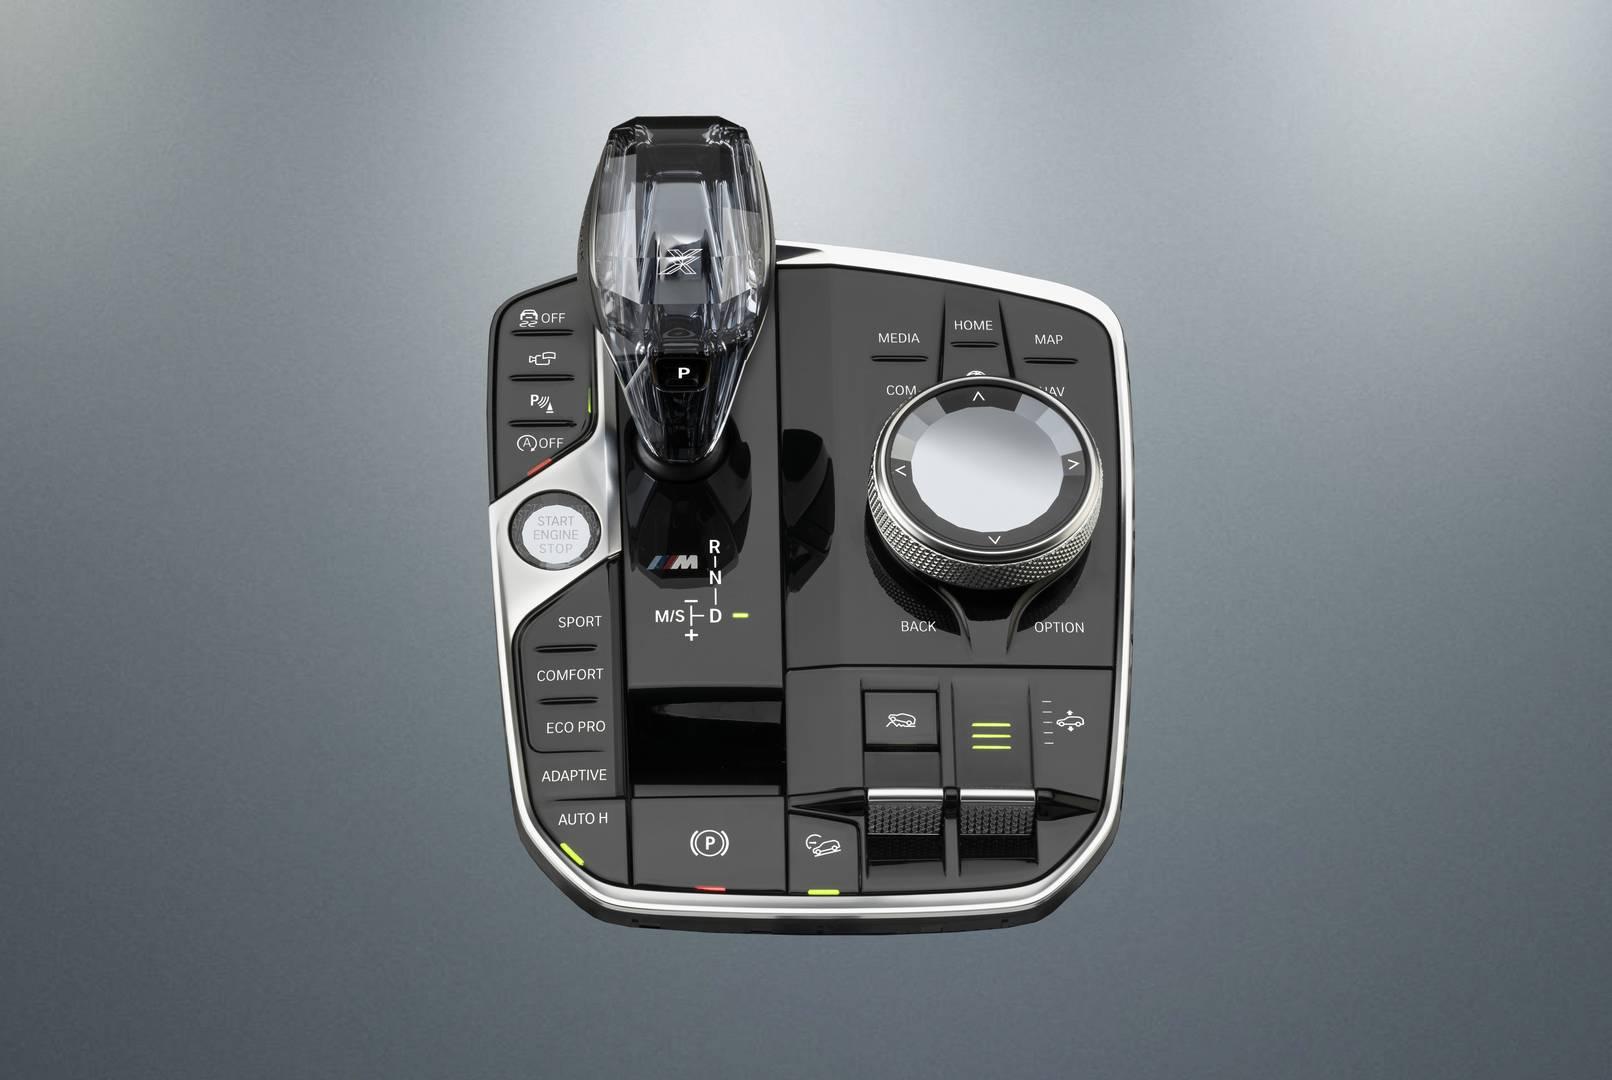 Preh Modular Center Console Control Panel